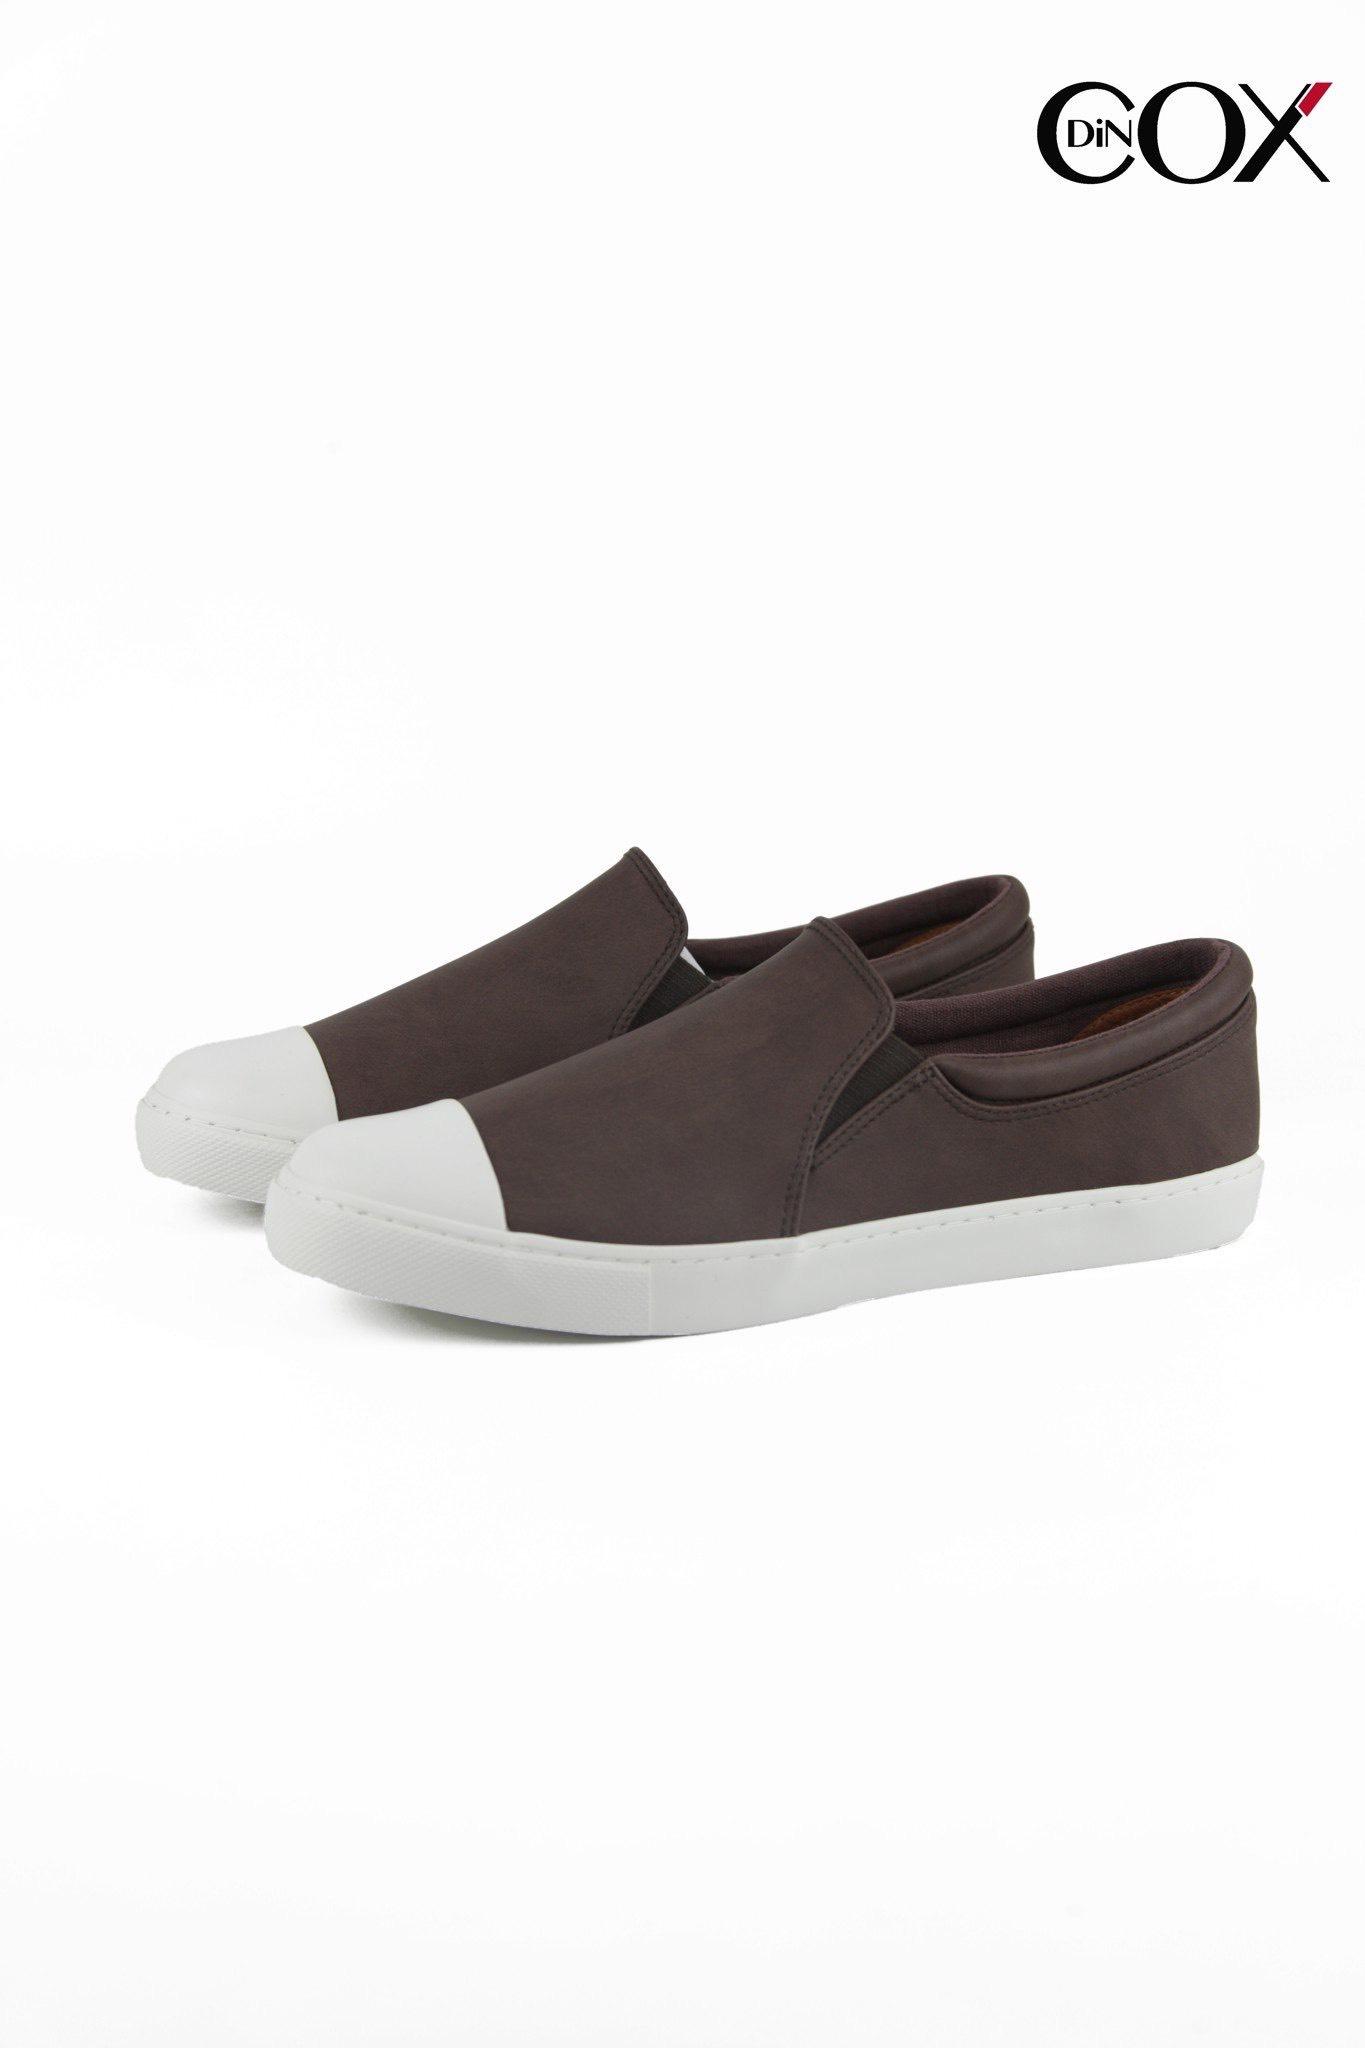 dincox1921-brown